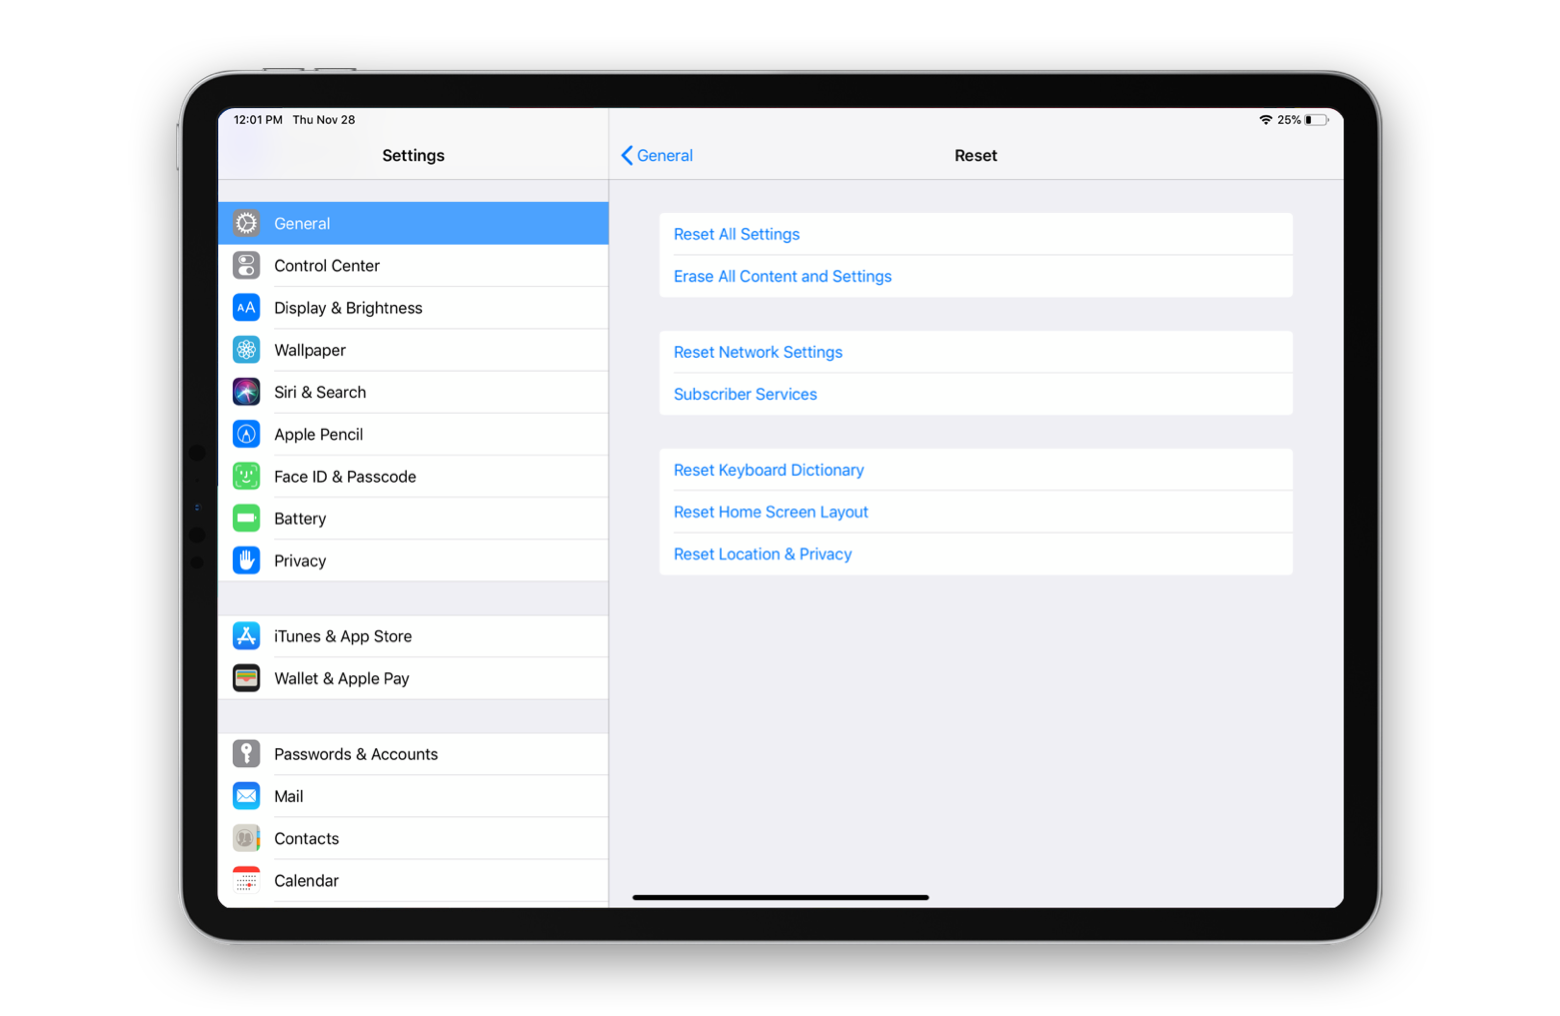 iPad reset settings